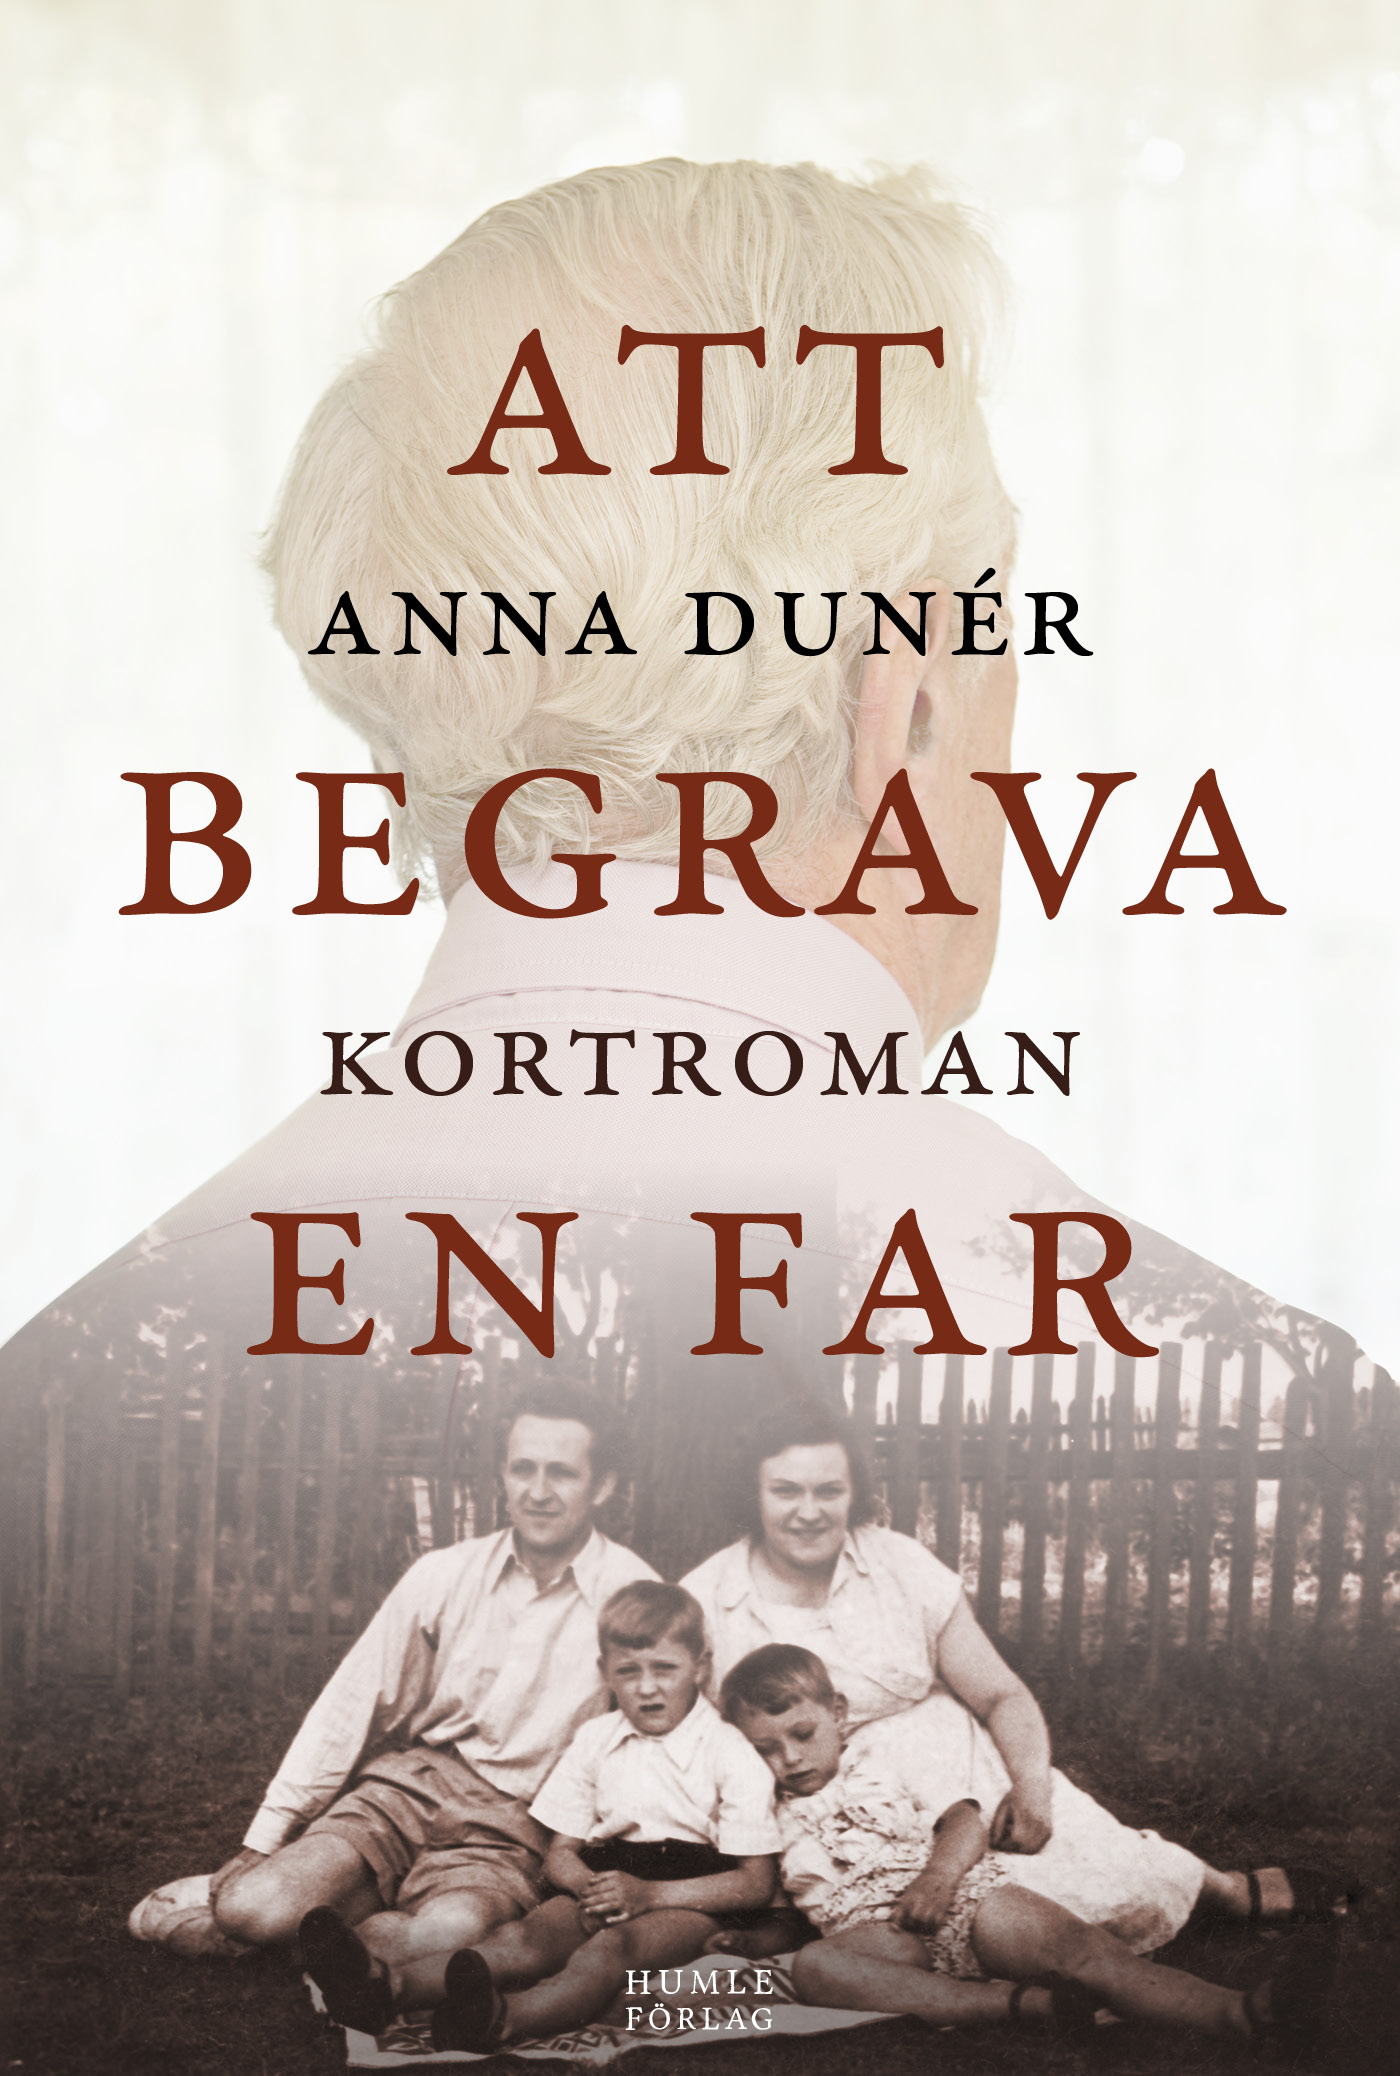 Omslaget till Att begrava en far av Anna Dunér.